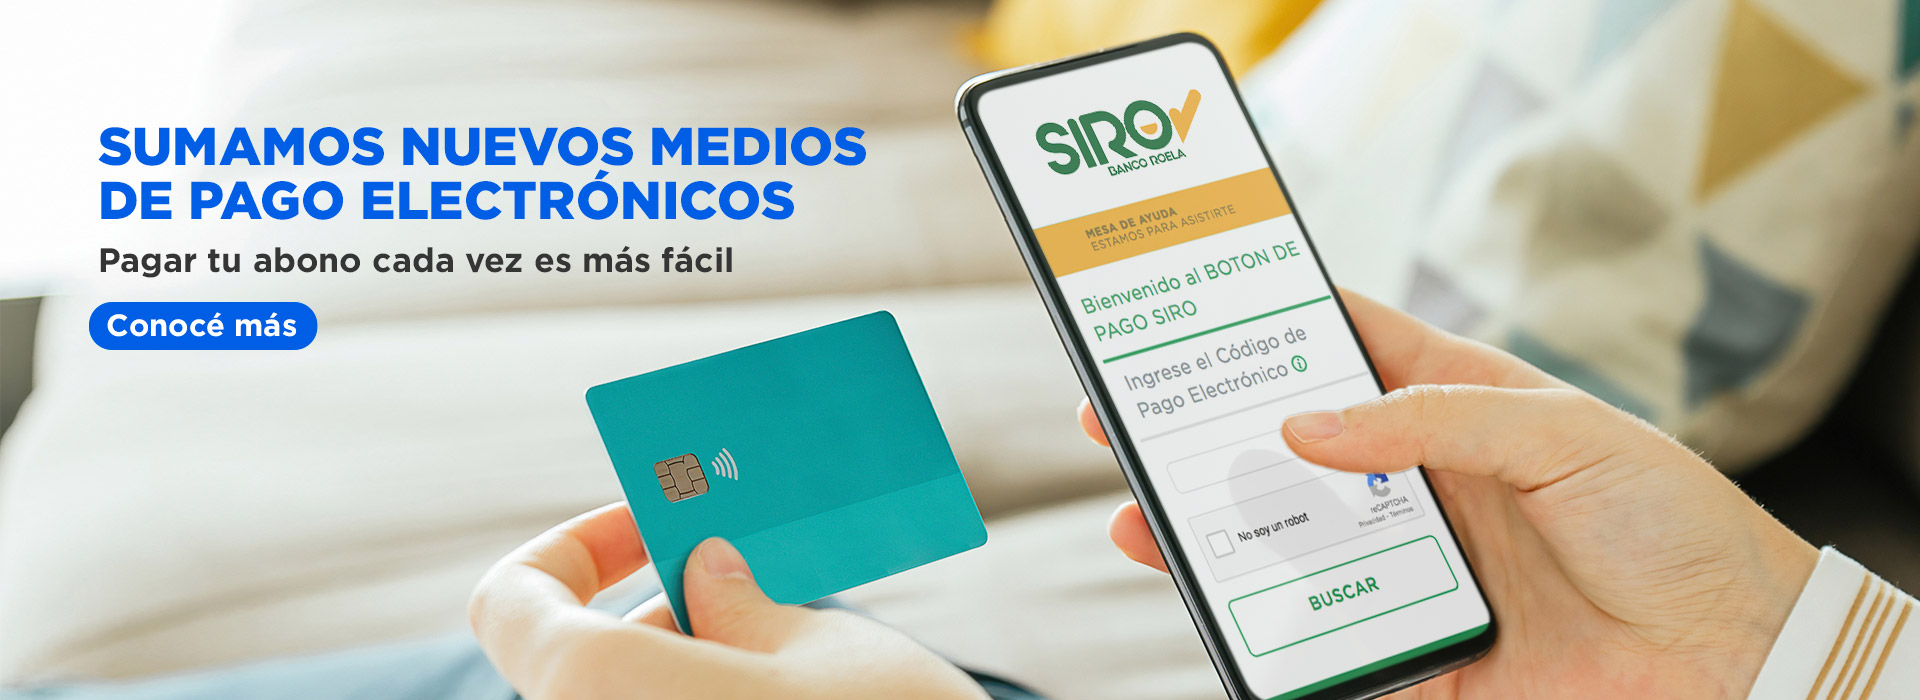 SIRO-Slide